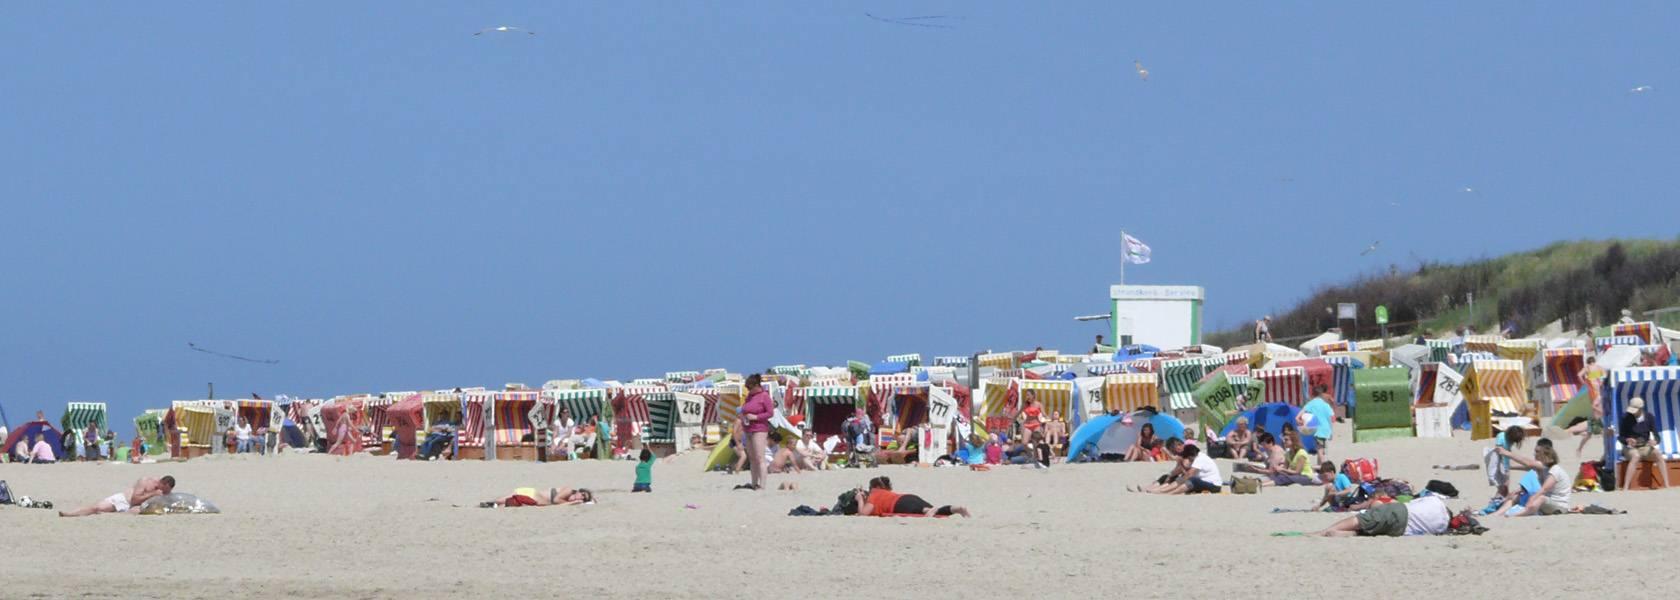 Strand Langeoog, © Die Nordsee GmbH, Amke Behrends